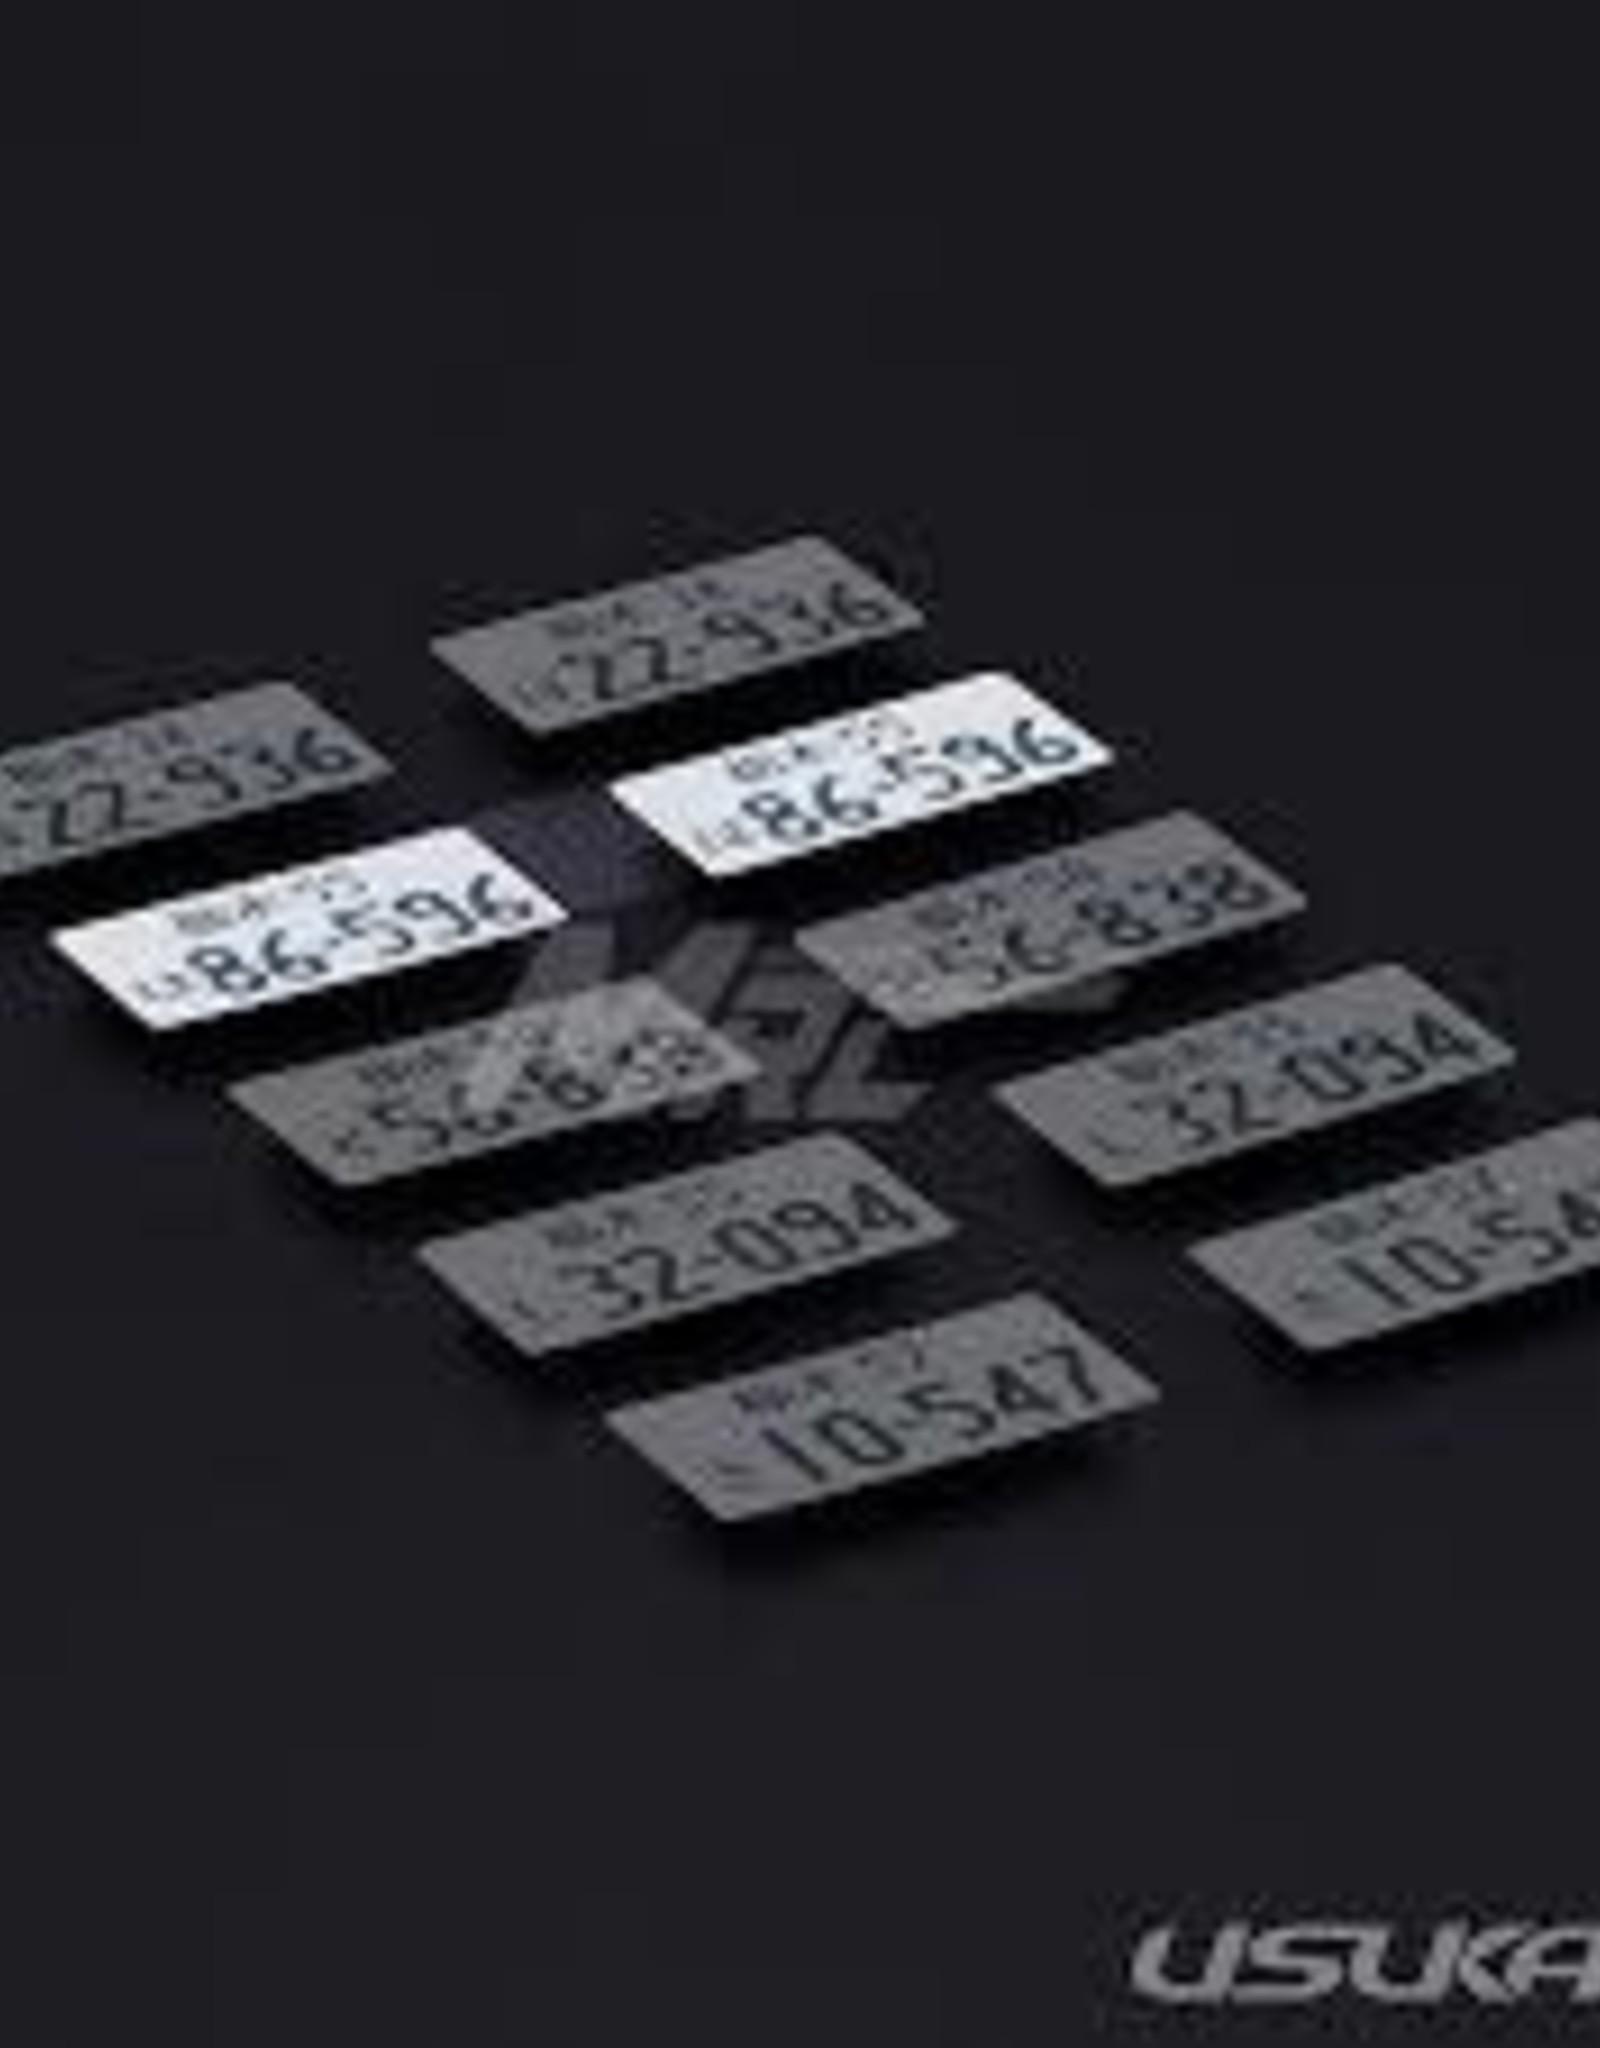 Usukani Usukani 3D License Plate Sticker ( 86-596 )/2pcs